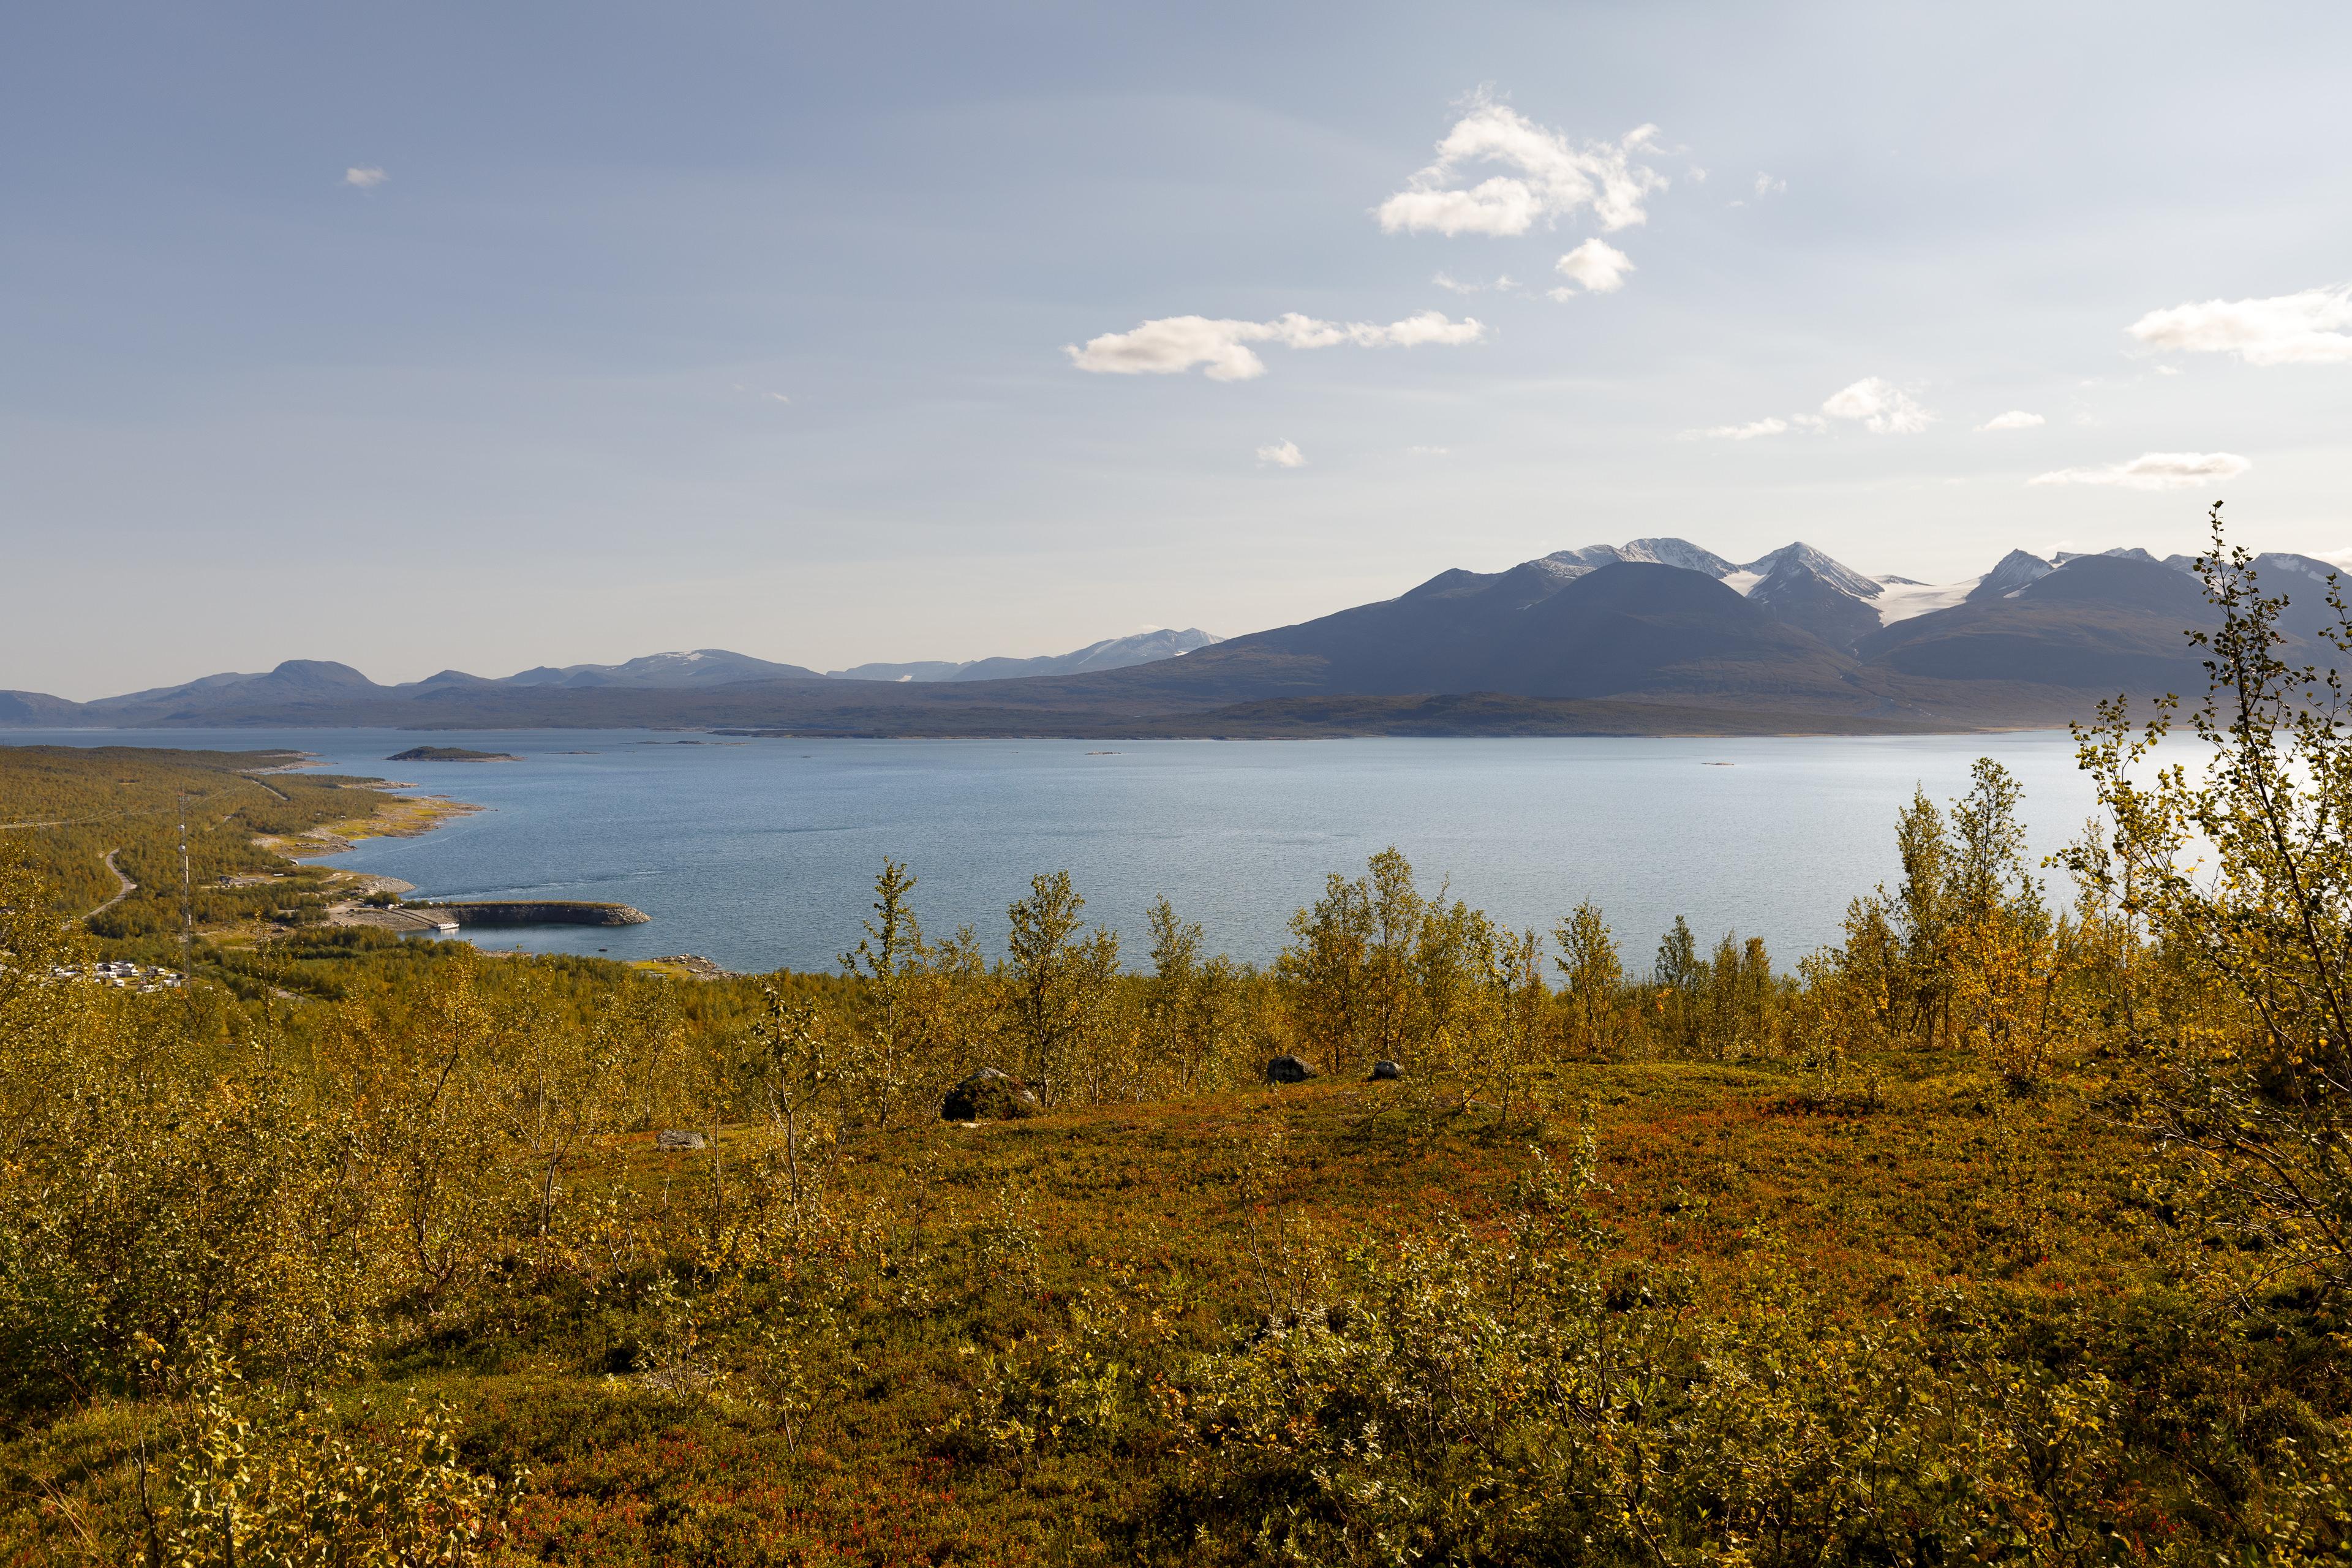 Blick zurück auf Ritsem, den breiten Akkajaure und dahinter der mächtige Áhkká mit seinen Gipfeln und Gletschern,©Markus Proske—Canon EOS 5D Mark IV, EF16-35mm f/4L IS USM, 28mm, 1/160s, Blende 8, ISO 100